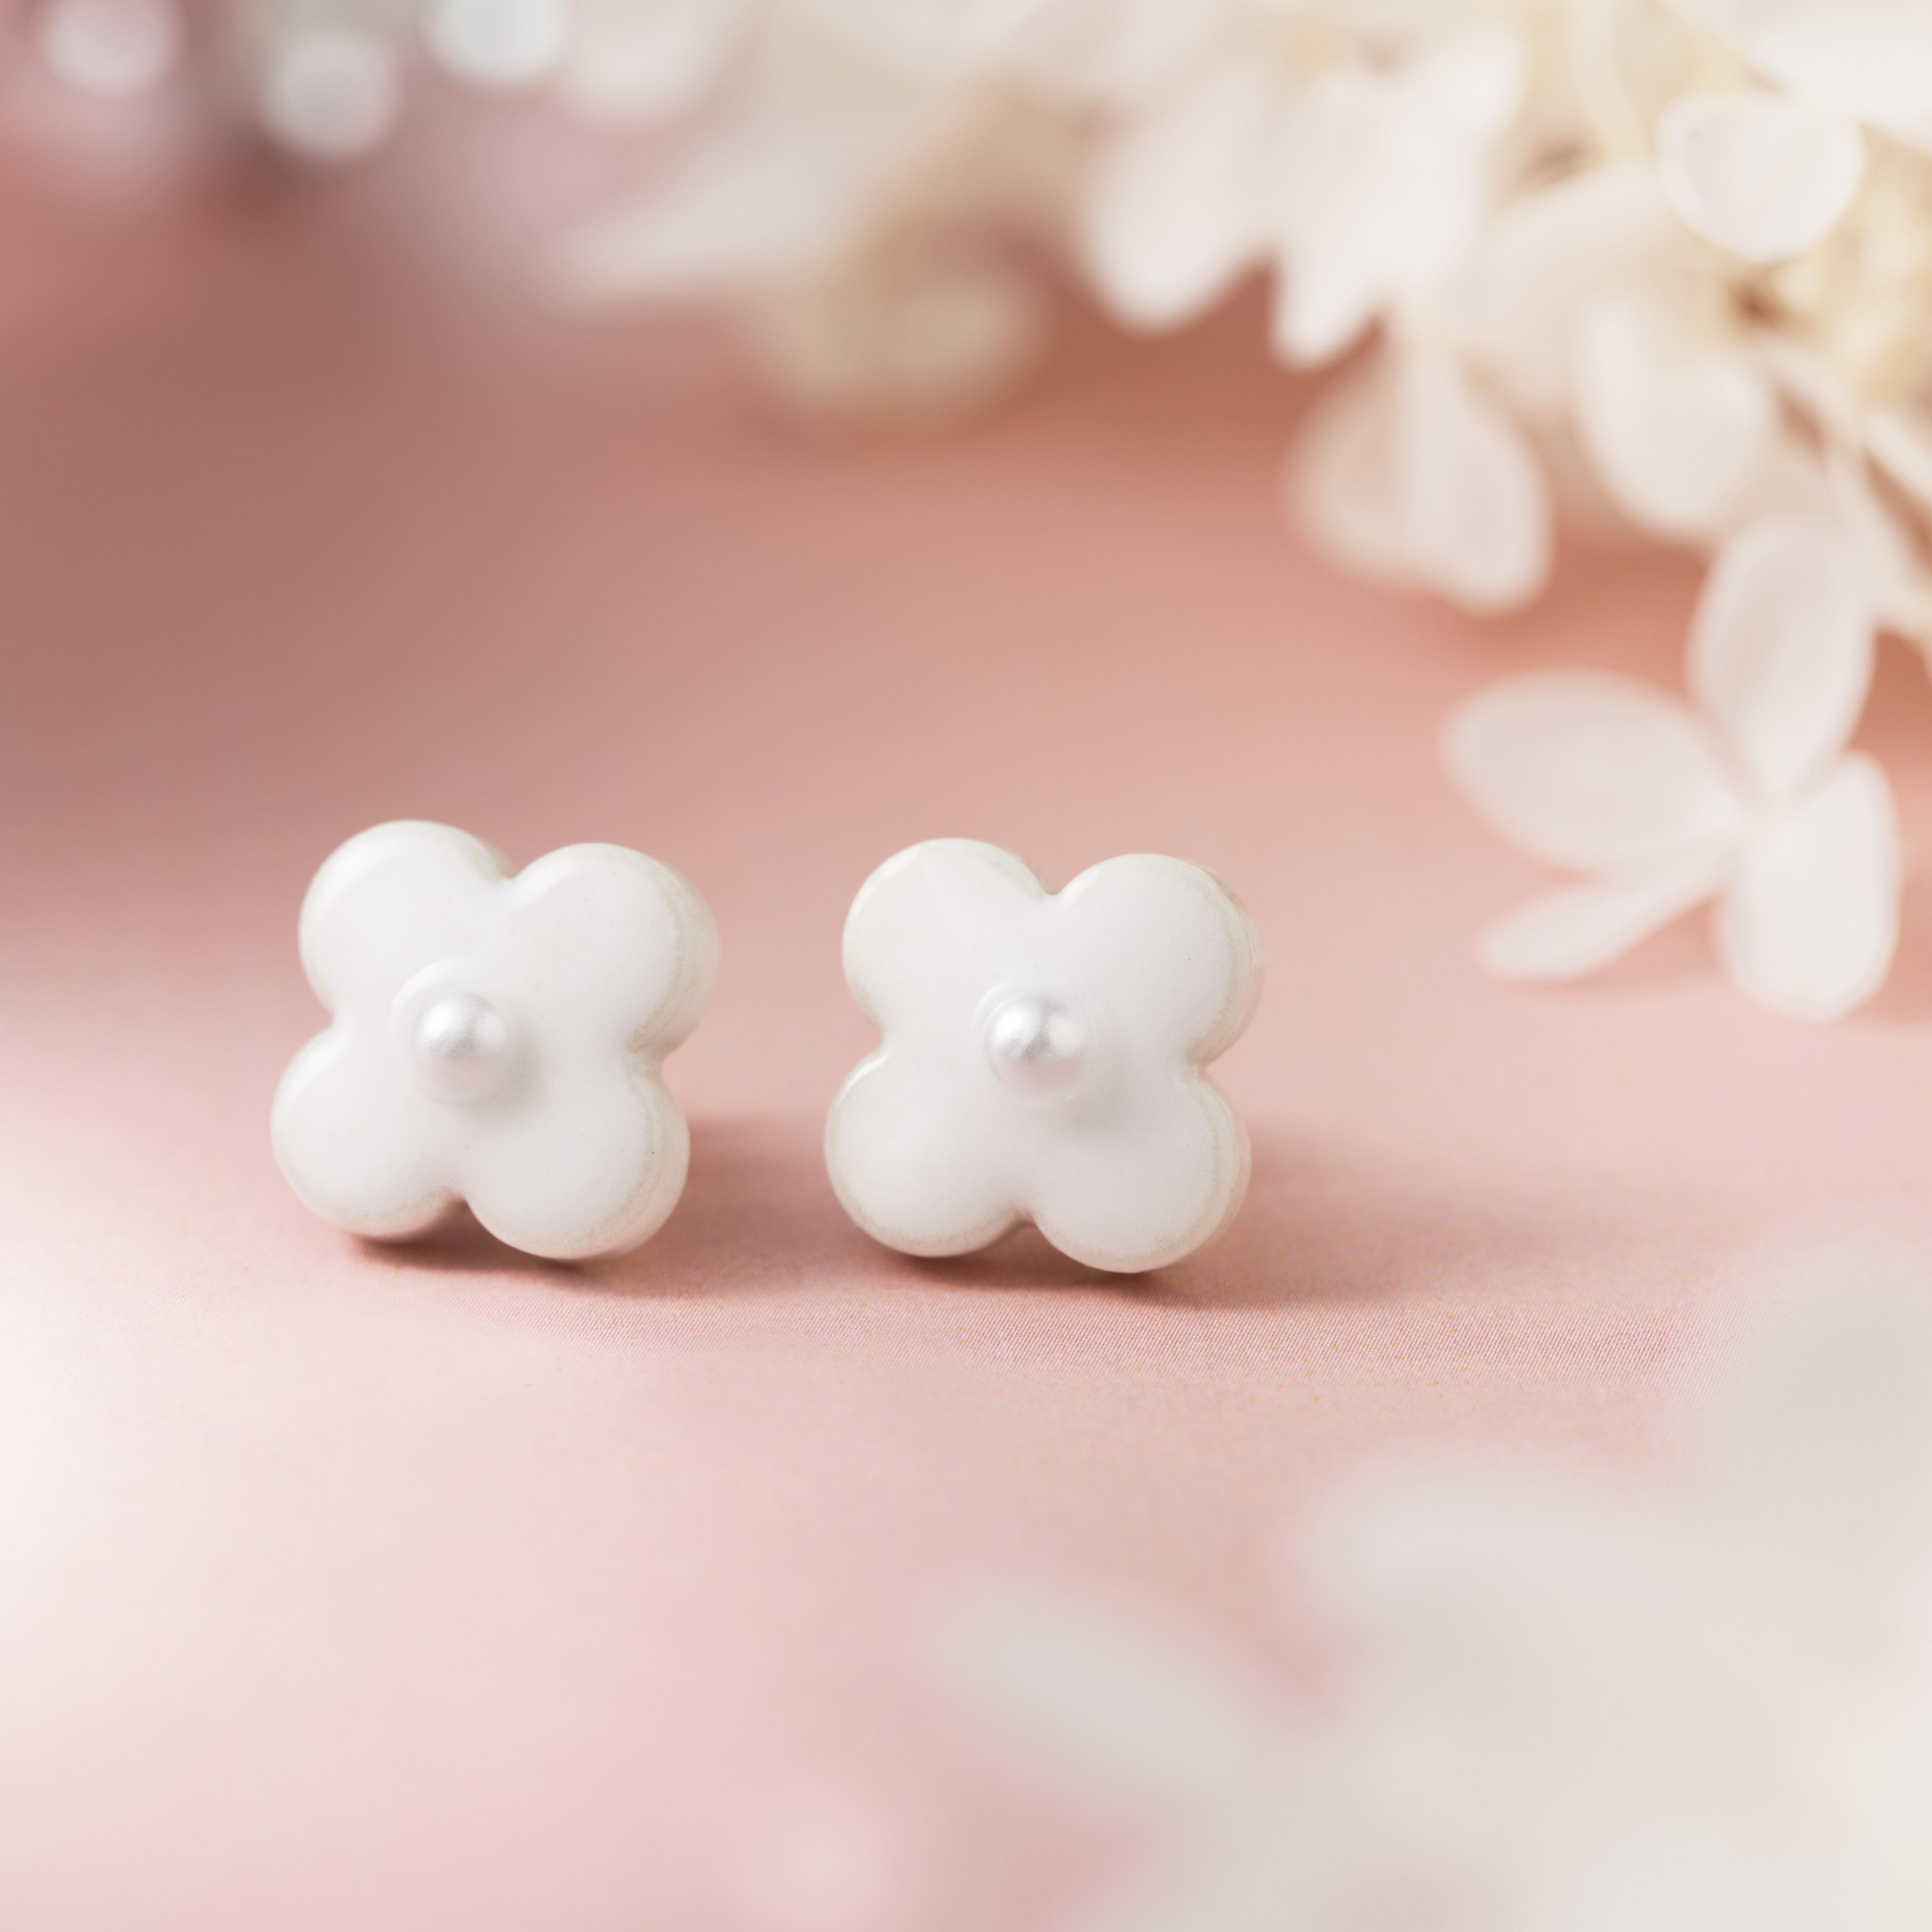 美濃焼陶器 小花 イヤリング&ピアス ホワイト 伝統工芸品